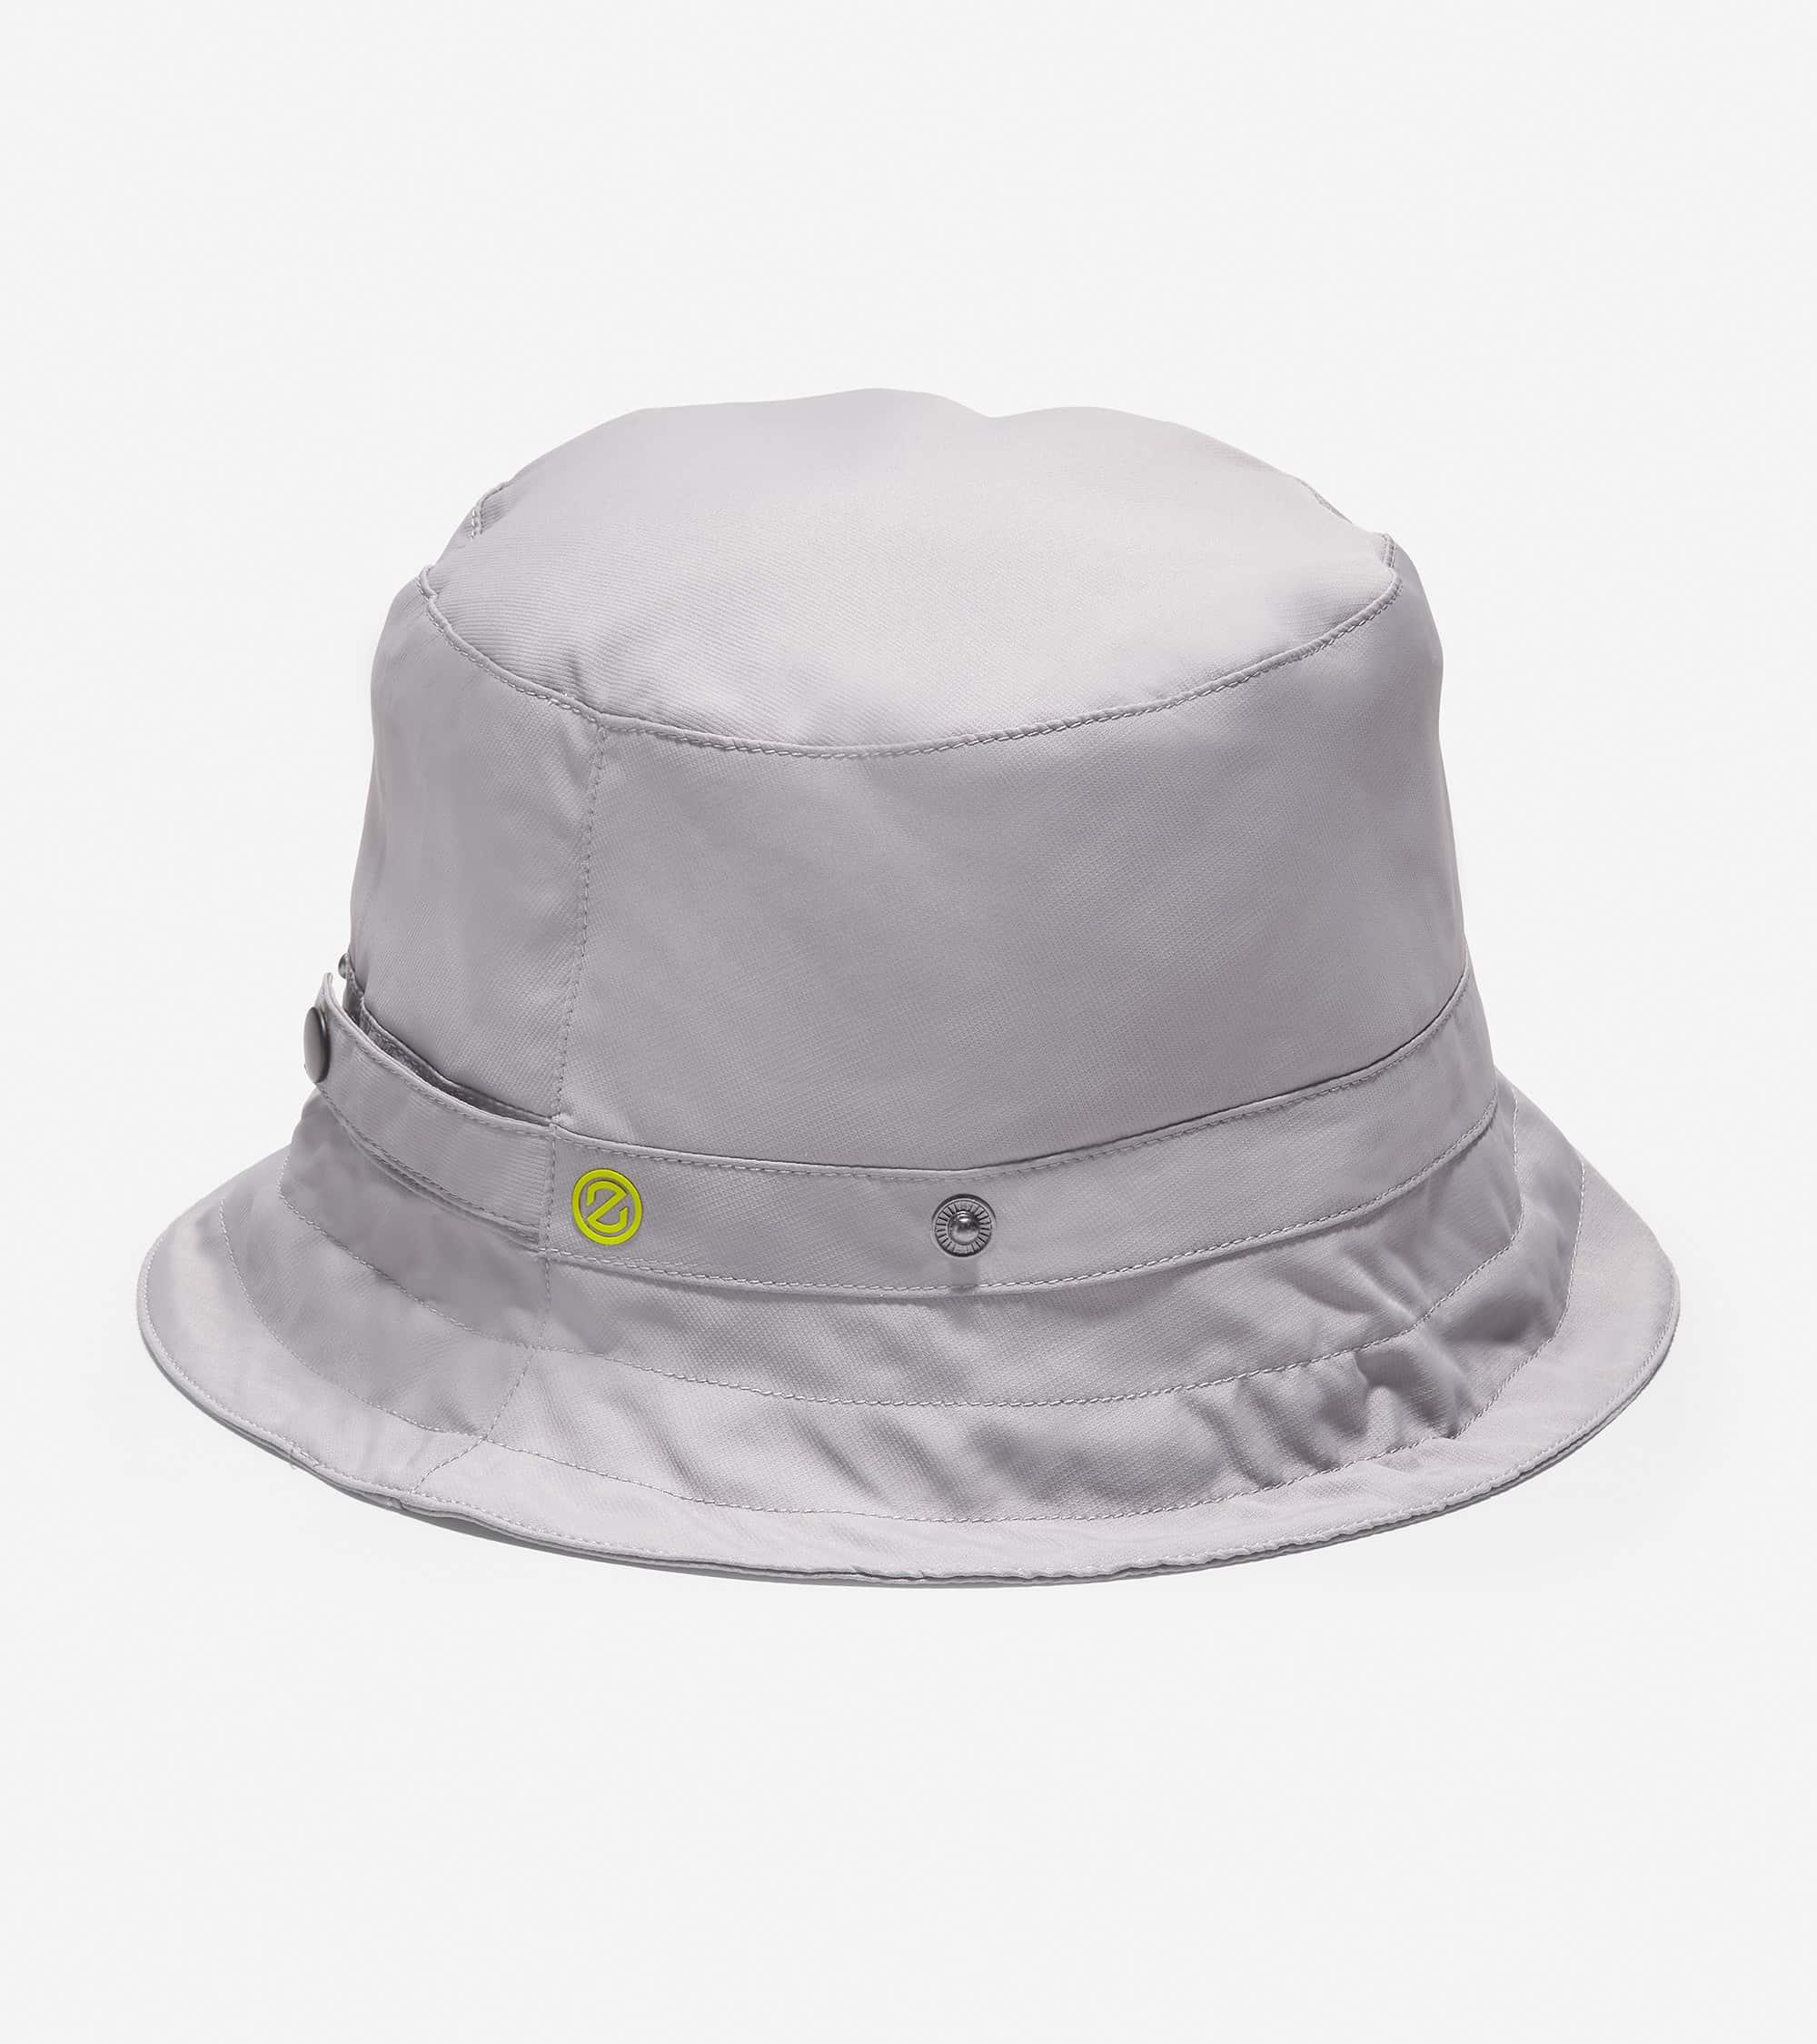 Cole Haan ZERØGRAND Packable Bucket Hat  Ironstone